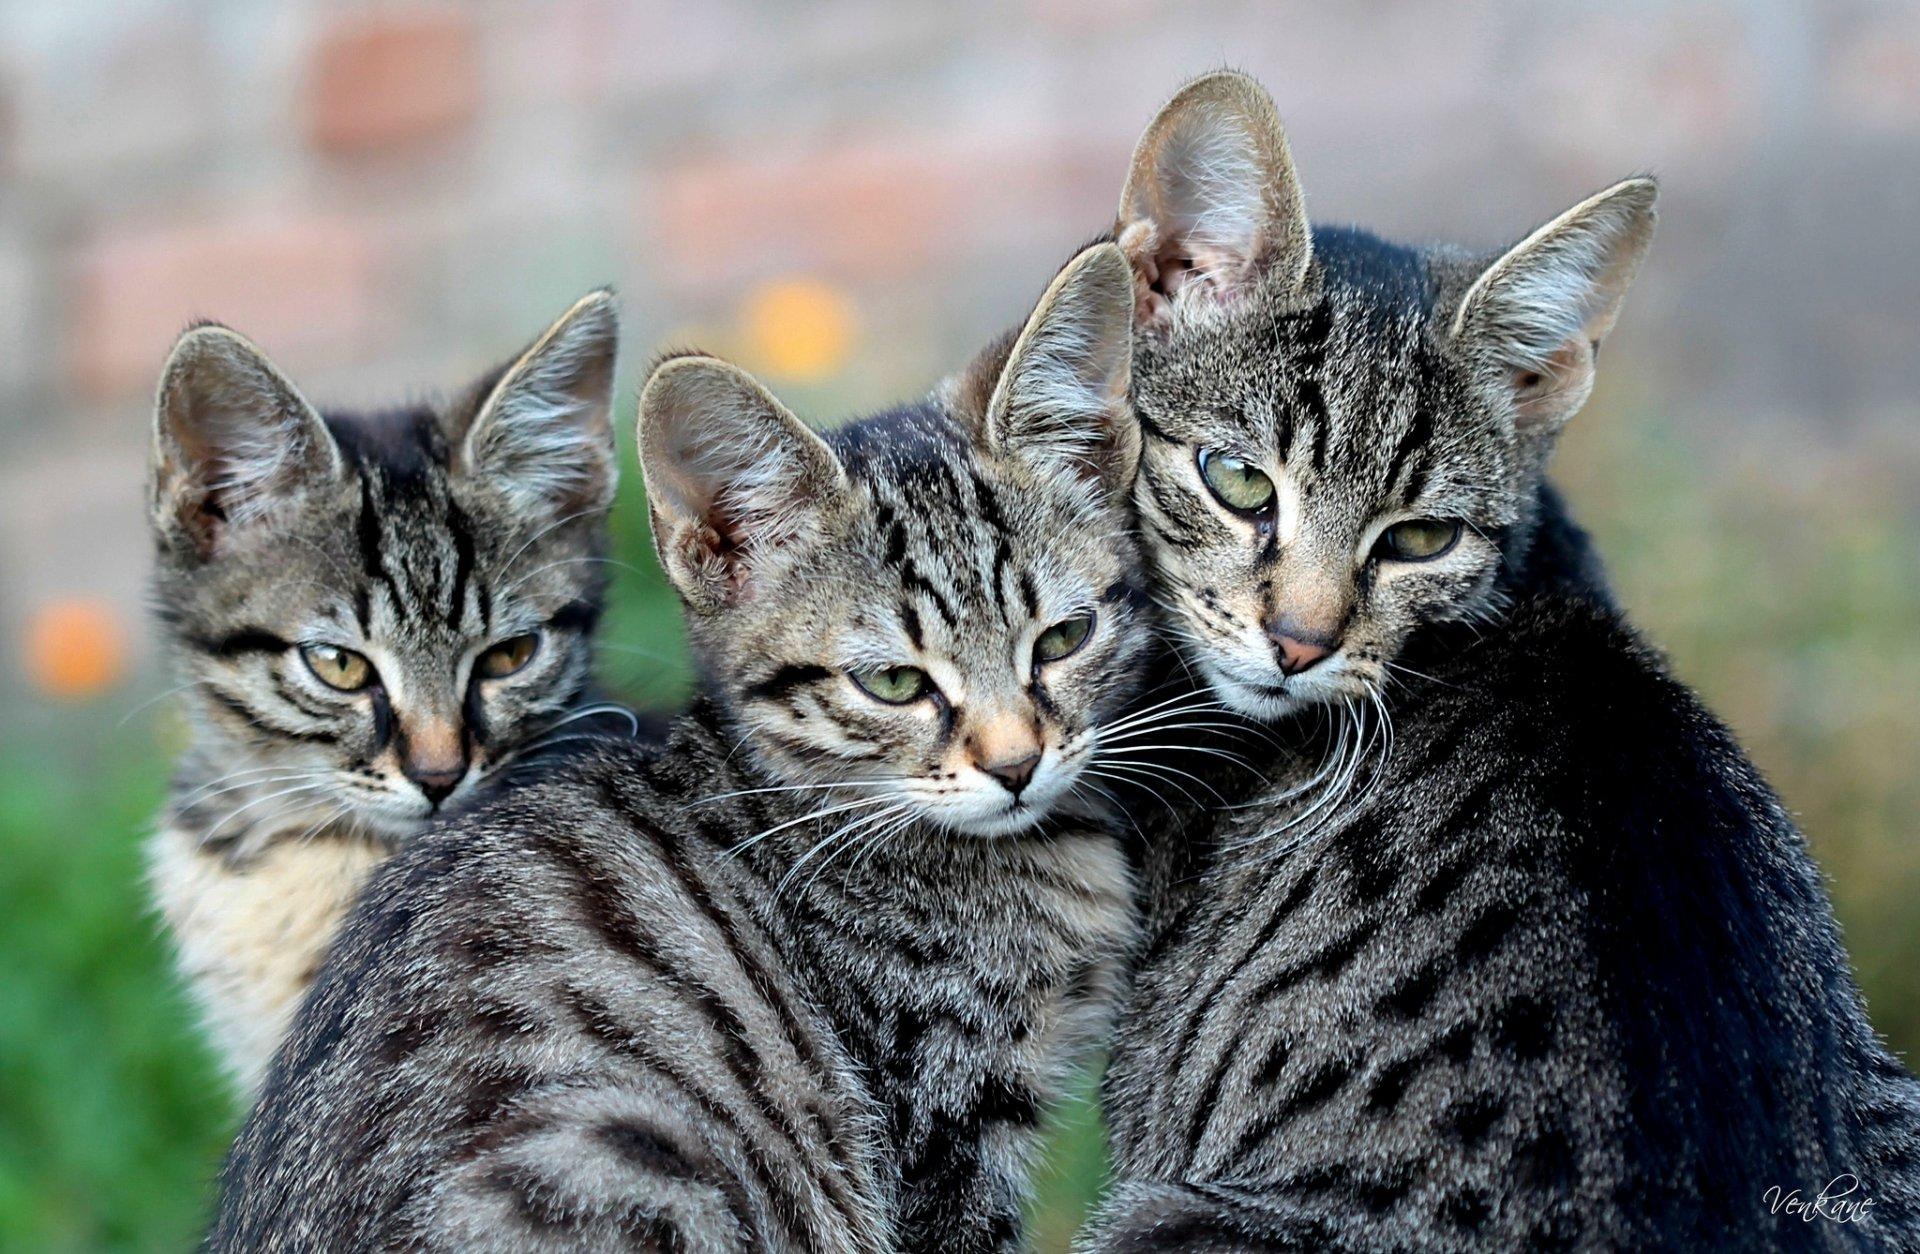 Смотреть картинки кошек котов котят и кошек